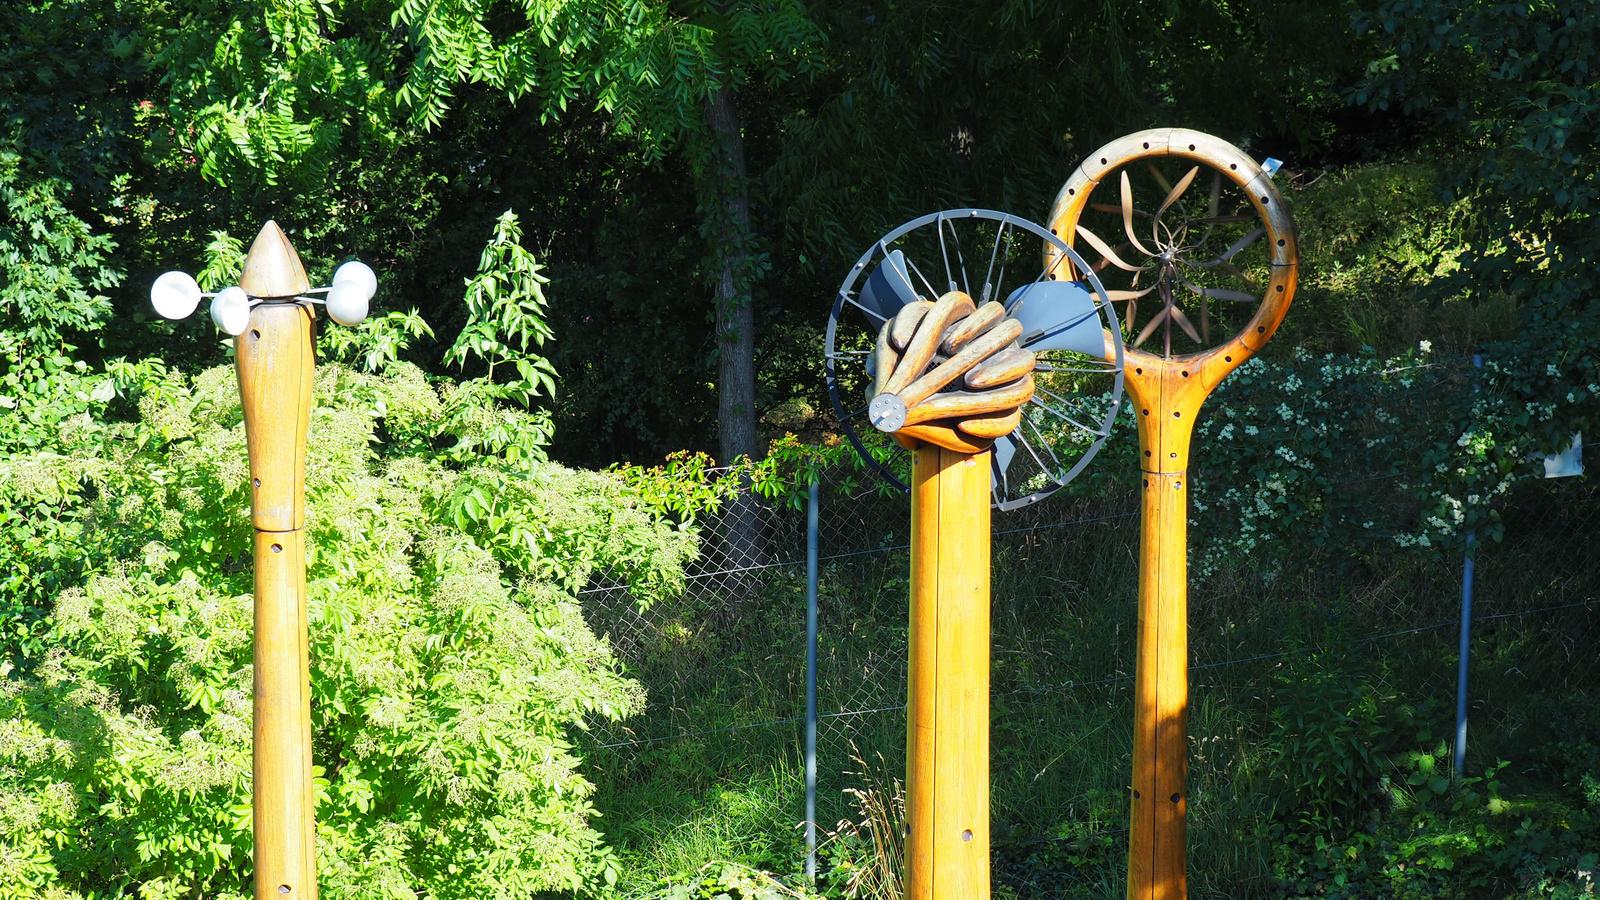 Brno, Špilberk, Otevřená zahrada (közösségi kert), SzG3